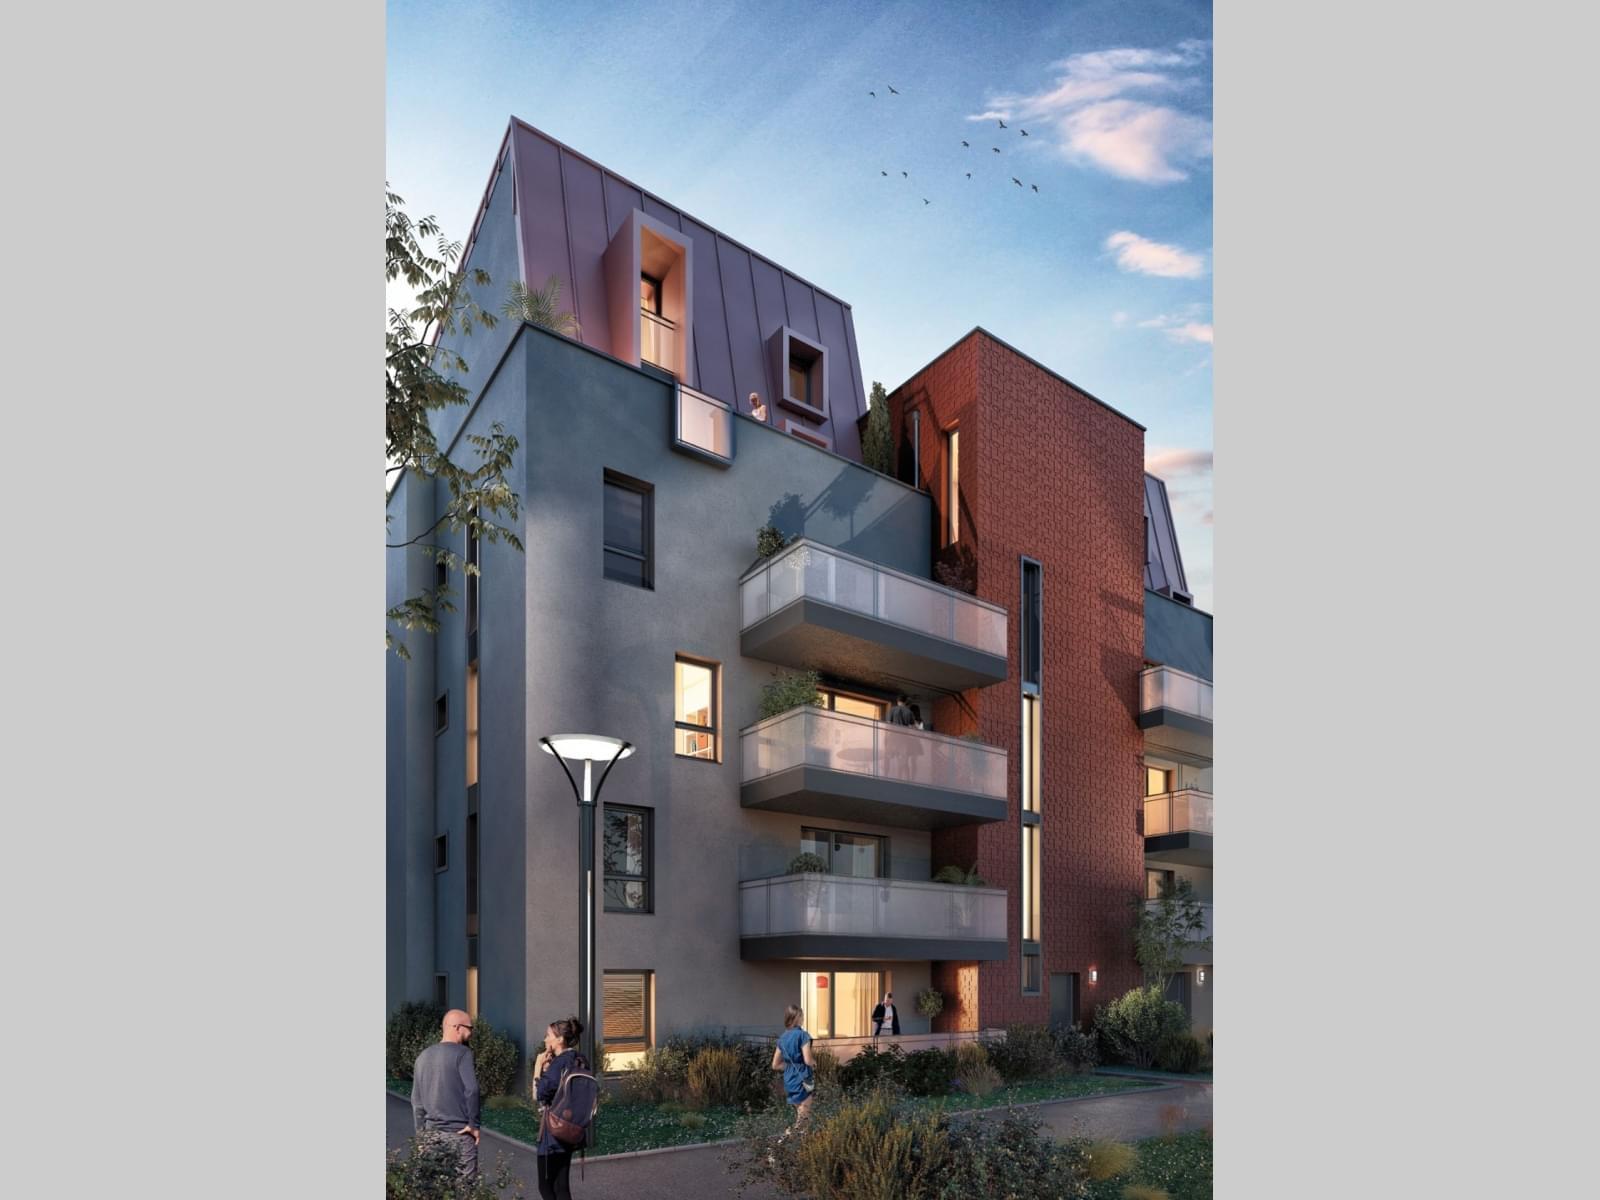 Résidence à Dijon Au coeur de Dijon, Modernité et Architecture traditionnelle,